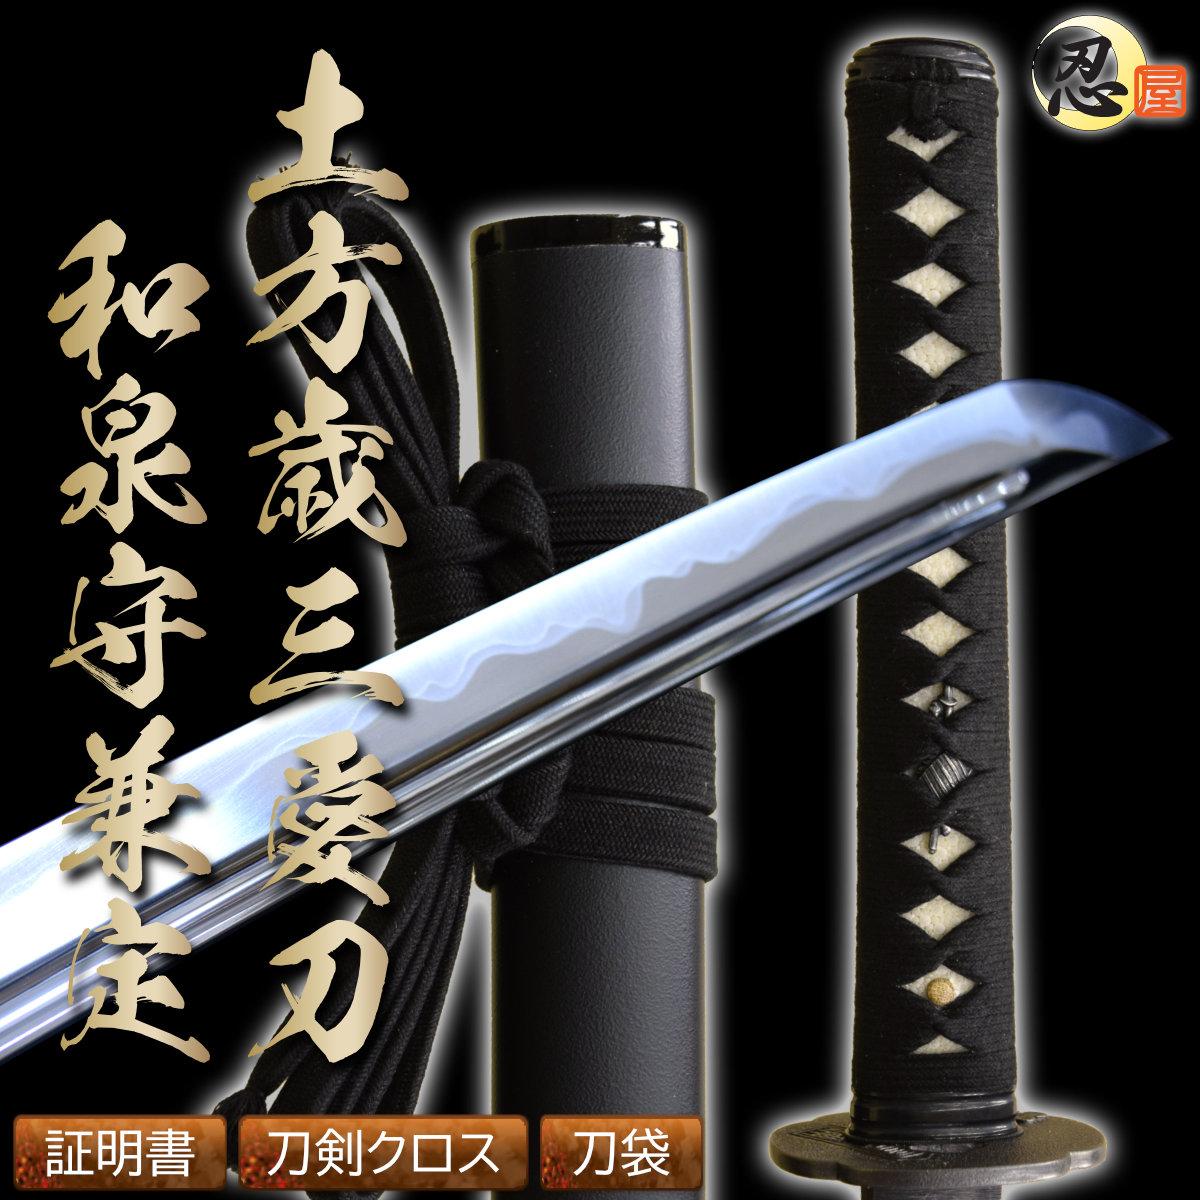 高級居合刀 刀匠 和泉守兼定拵え 土方歳三愛刀 (刀袋付き)